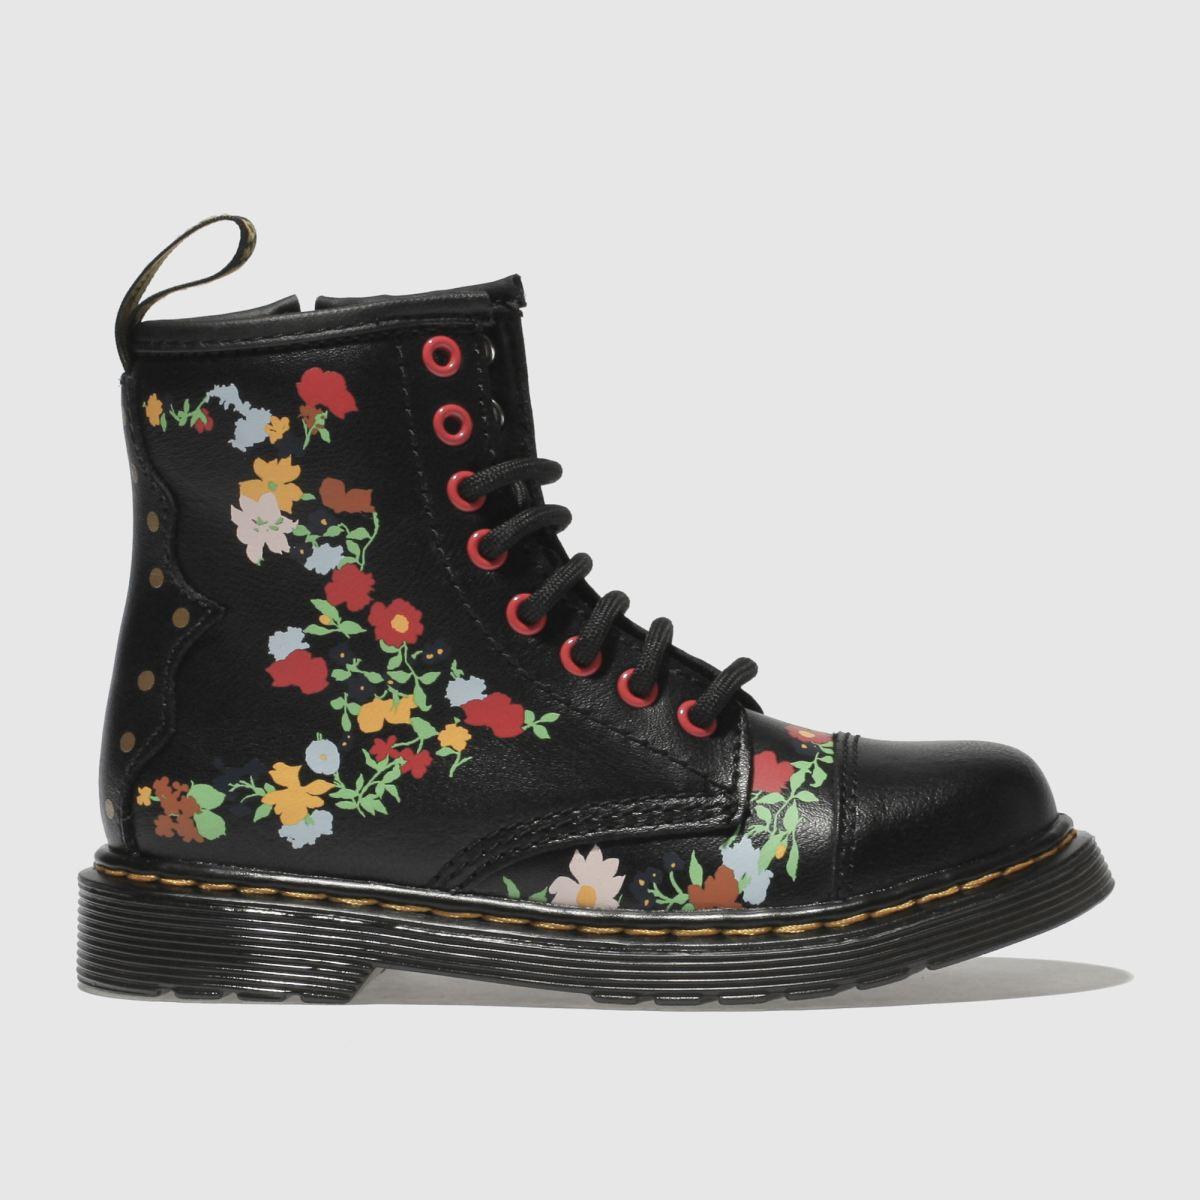 Dr Martens Black & Red 1460 Pooch Flower Boots Junior